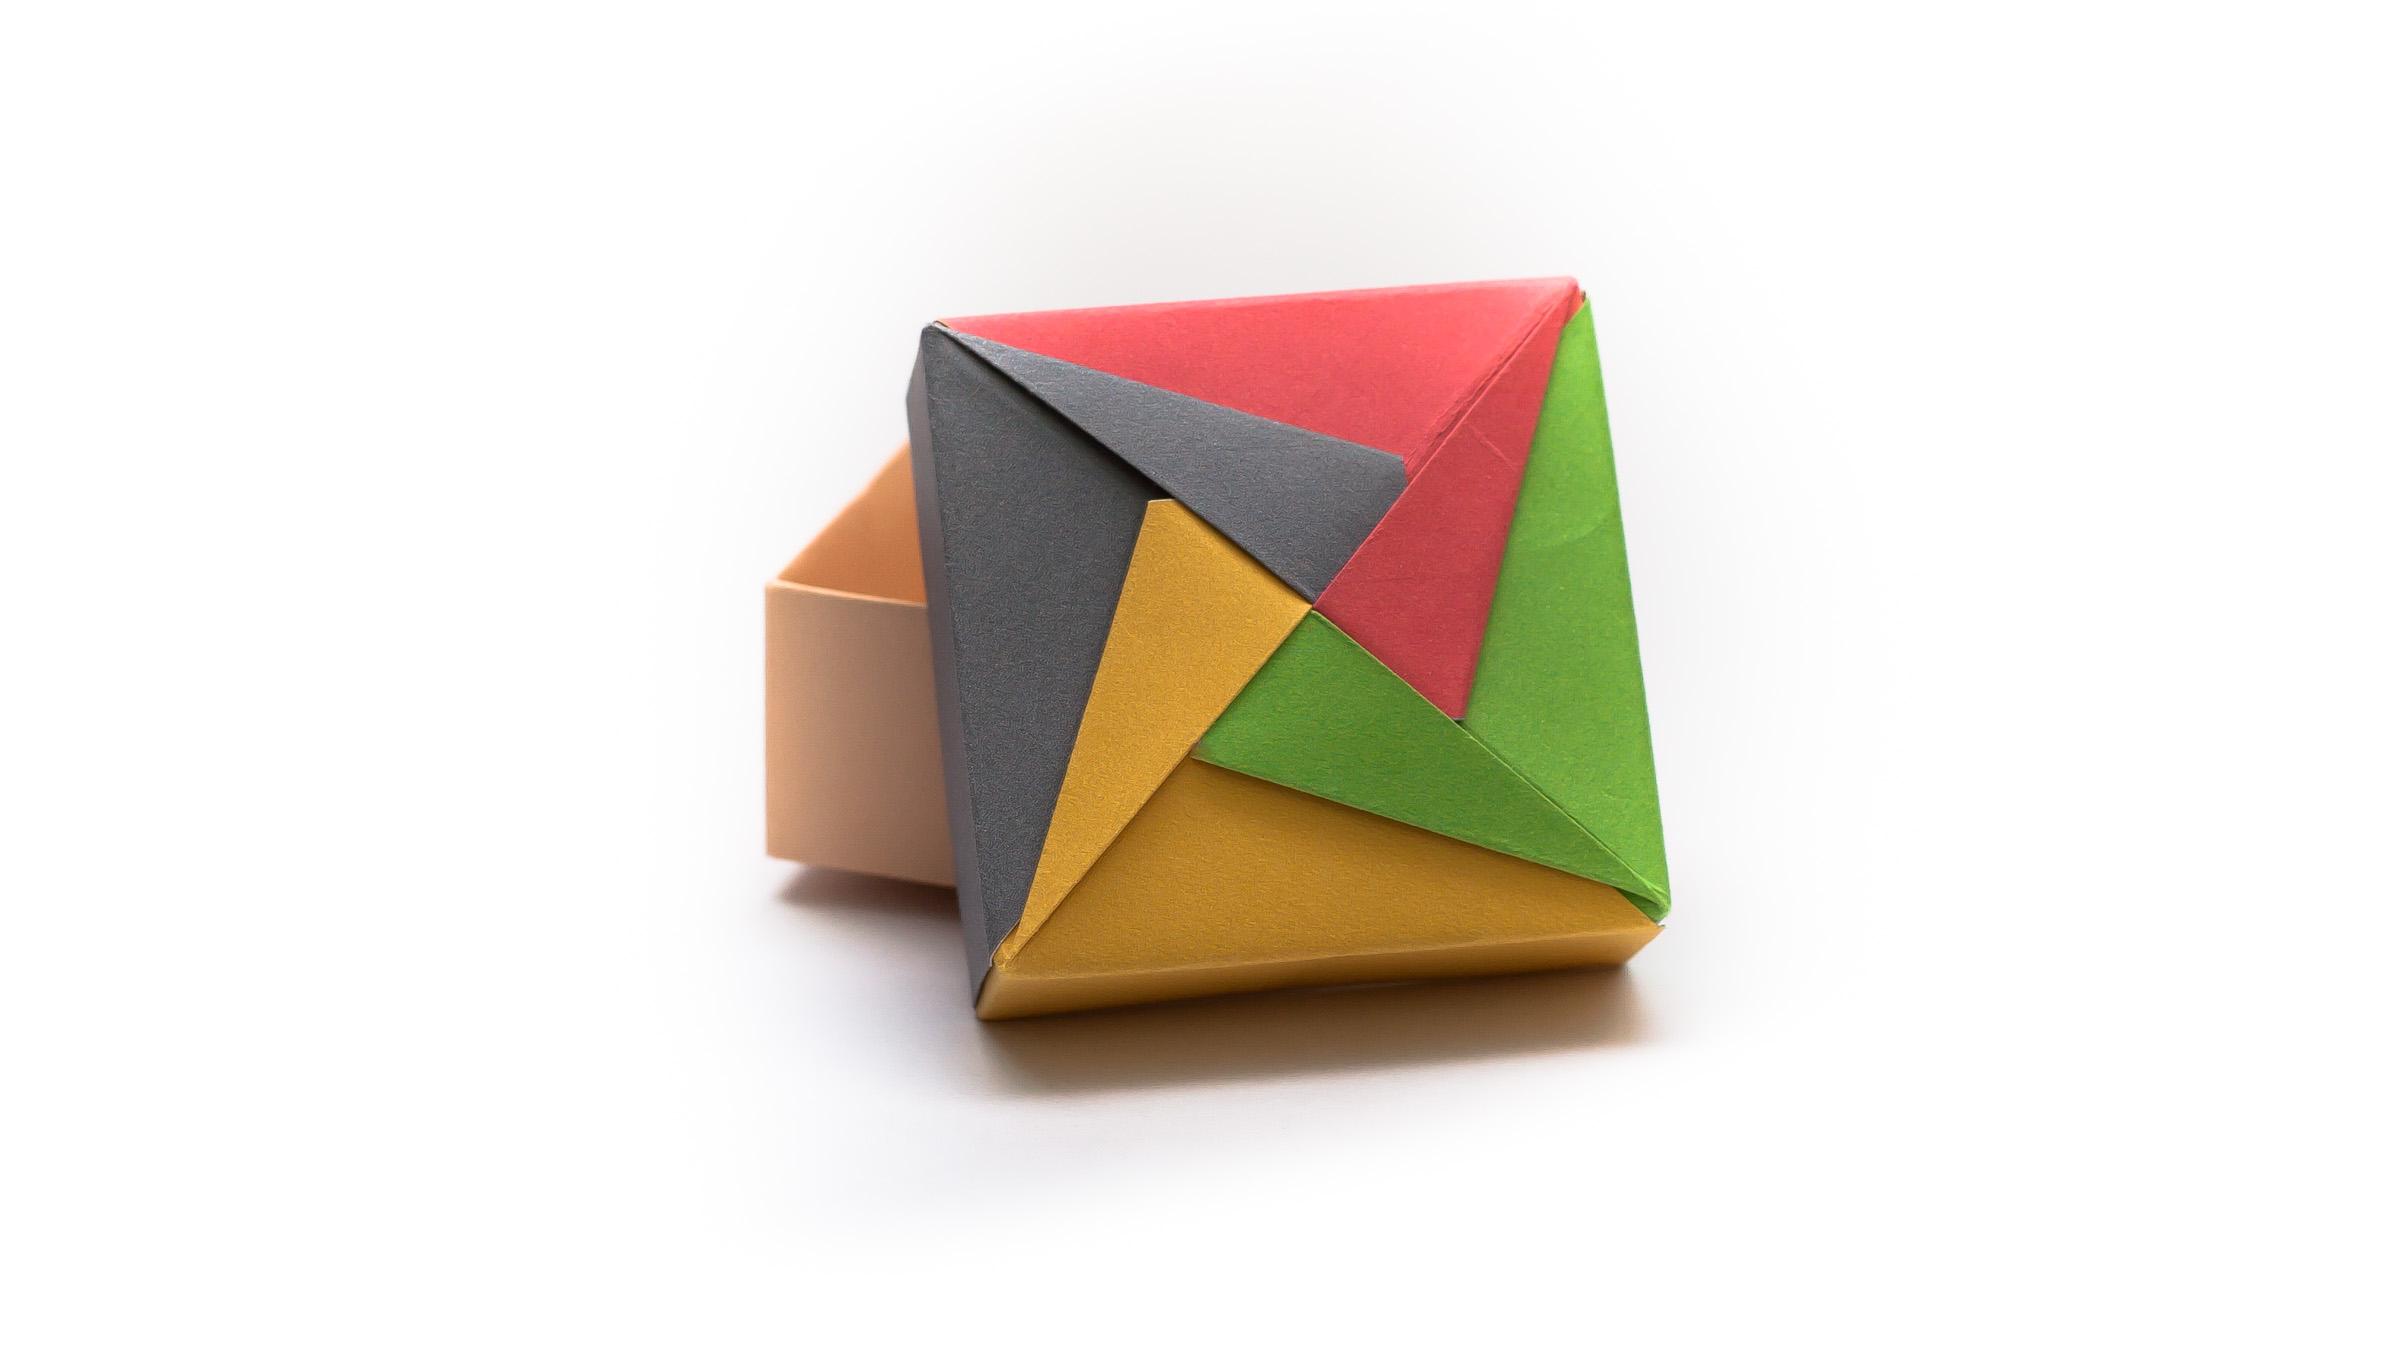 วิธีพับกล่องของขวัญแบบโมดูล่า (Modular Origami Decorative Box) โดย Tomoko Fuse -f04